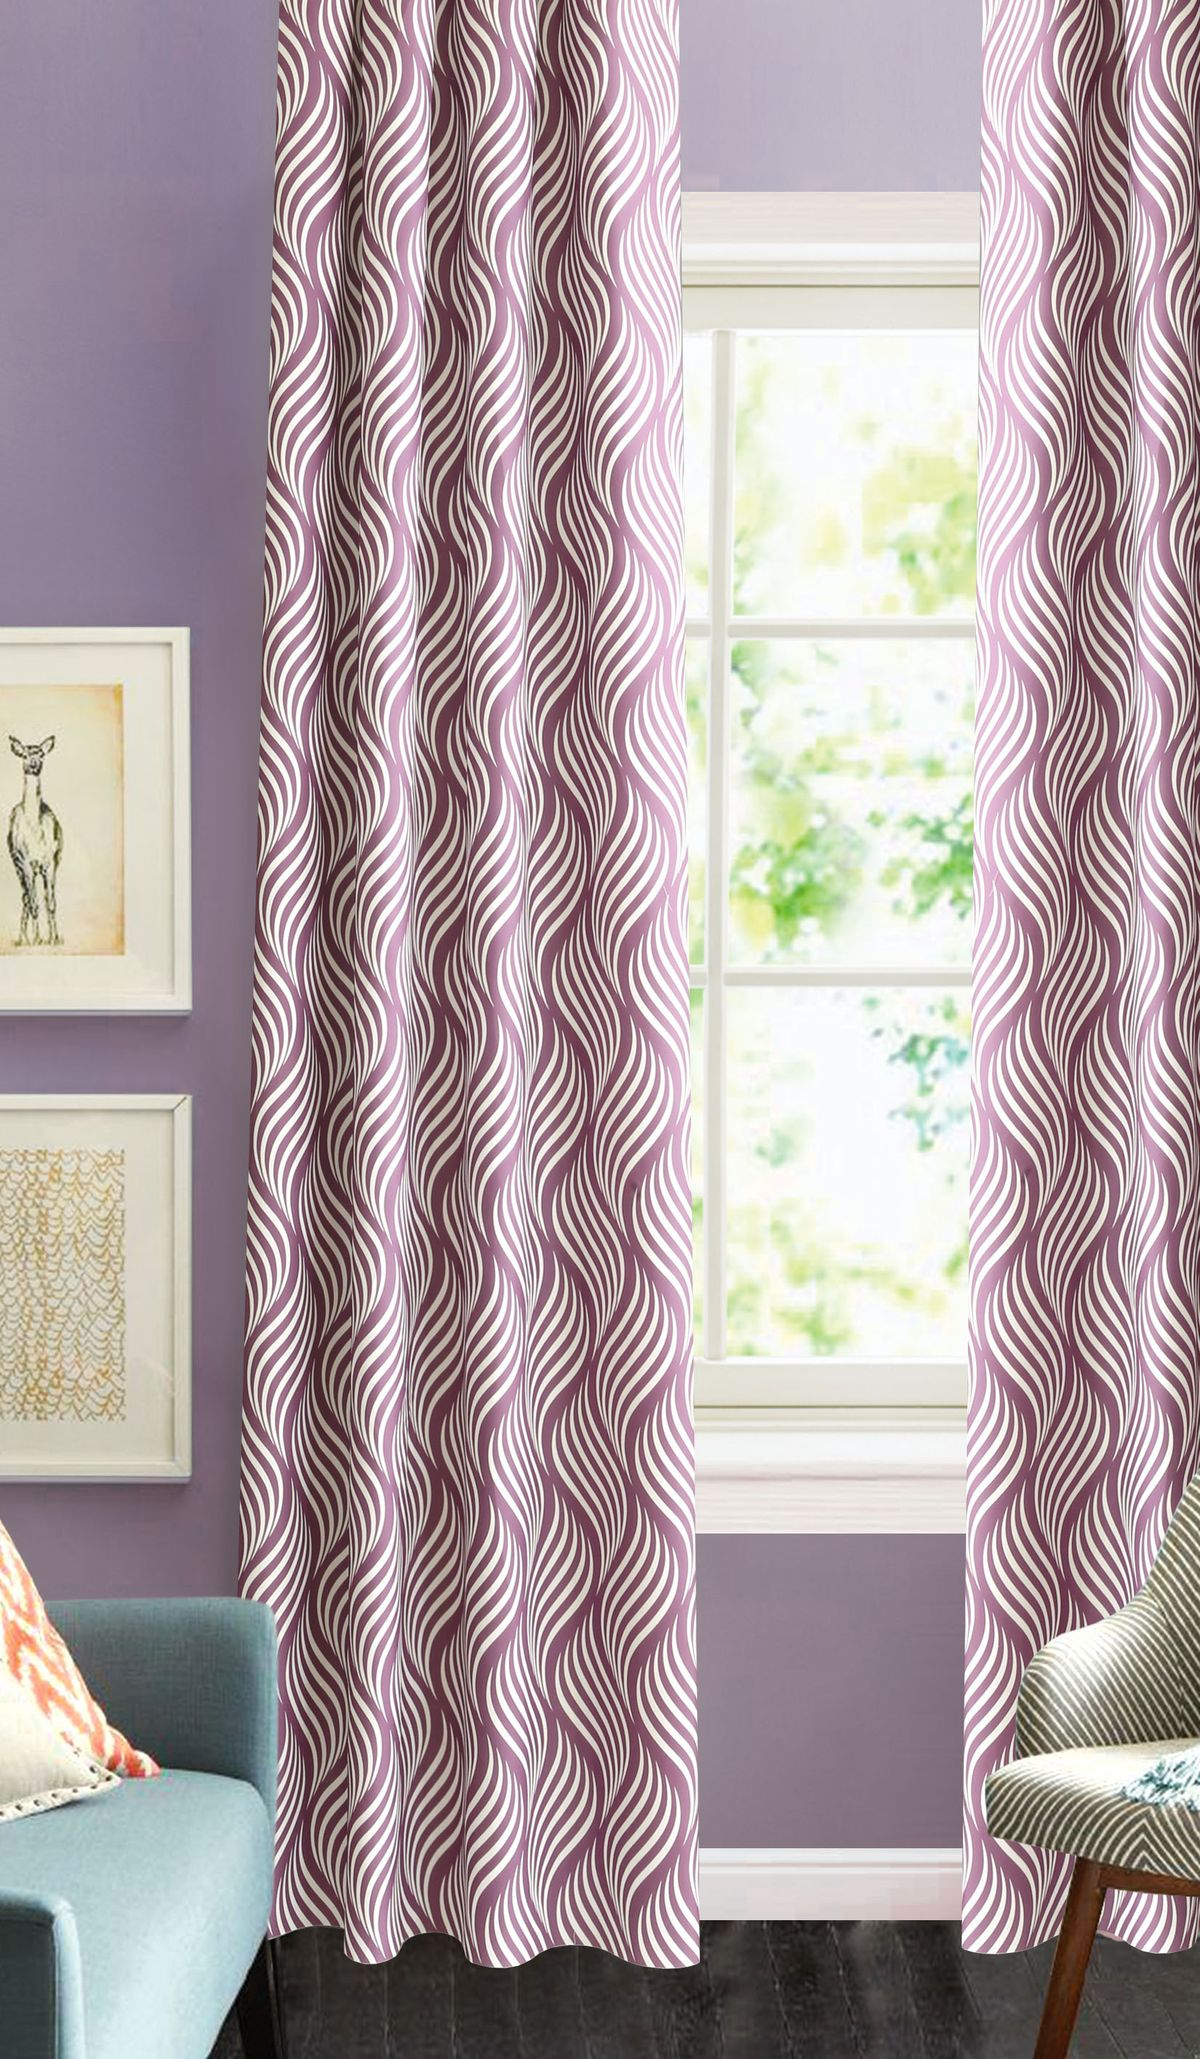 Штора готовая Garden, на ленте, цвет: сиреневый, 200х260 см. С 1264 - W1687 V88705536Изящная штора для гостиной Garden выполнена из плотной ткани с узором. Приятная текстура и цвет привлекут к себе внимание и органично впишутся в интерьер помещения. Штора крепится на карниз при помощи ленты, которая поможет красиво и равномерно задрапировать верх.